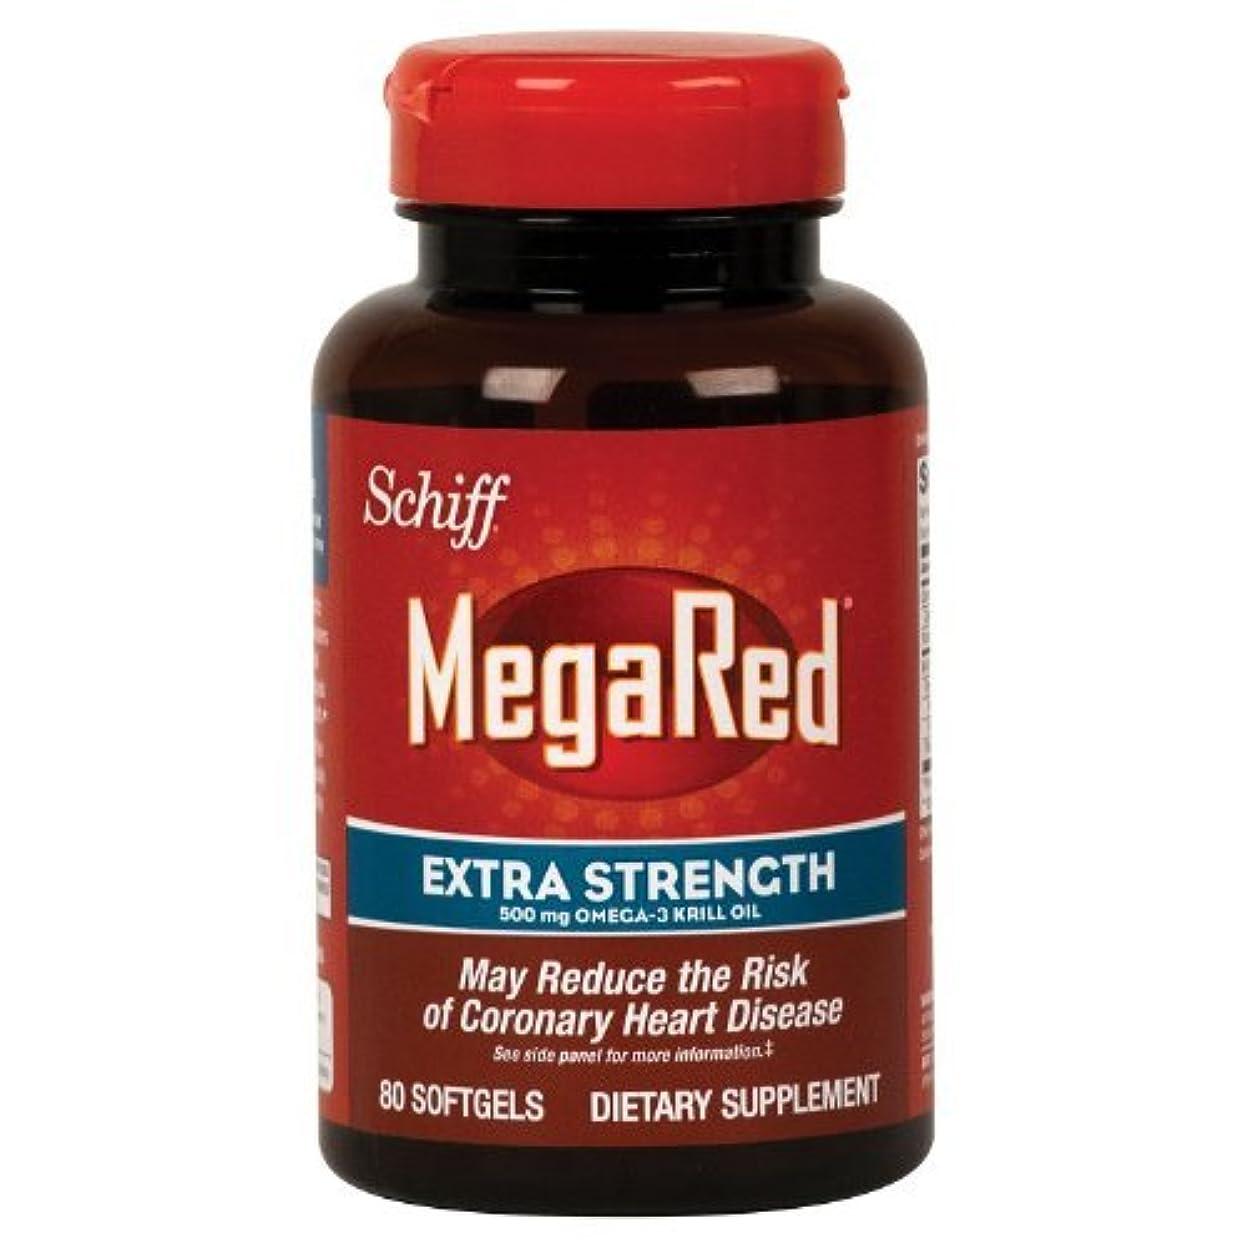 抵抗力がある歌う尊敬するSchiff Megared Extra Strength 500mg Omega-3 Krill Oil - 80 Softgels by Simply Right [並行輸入品]